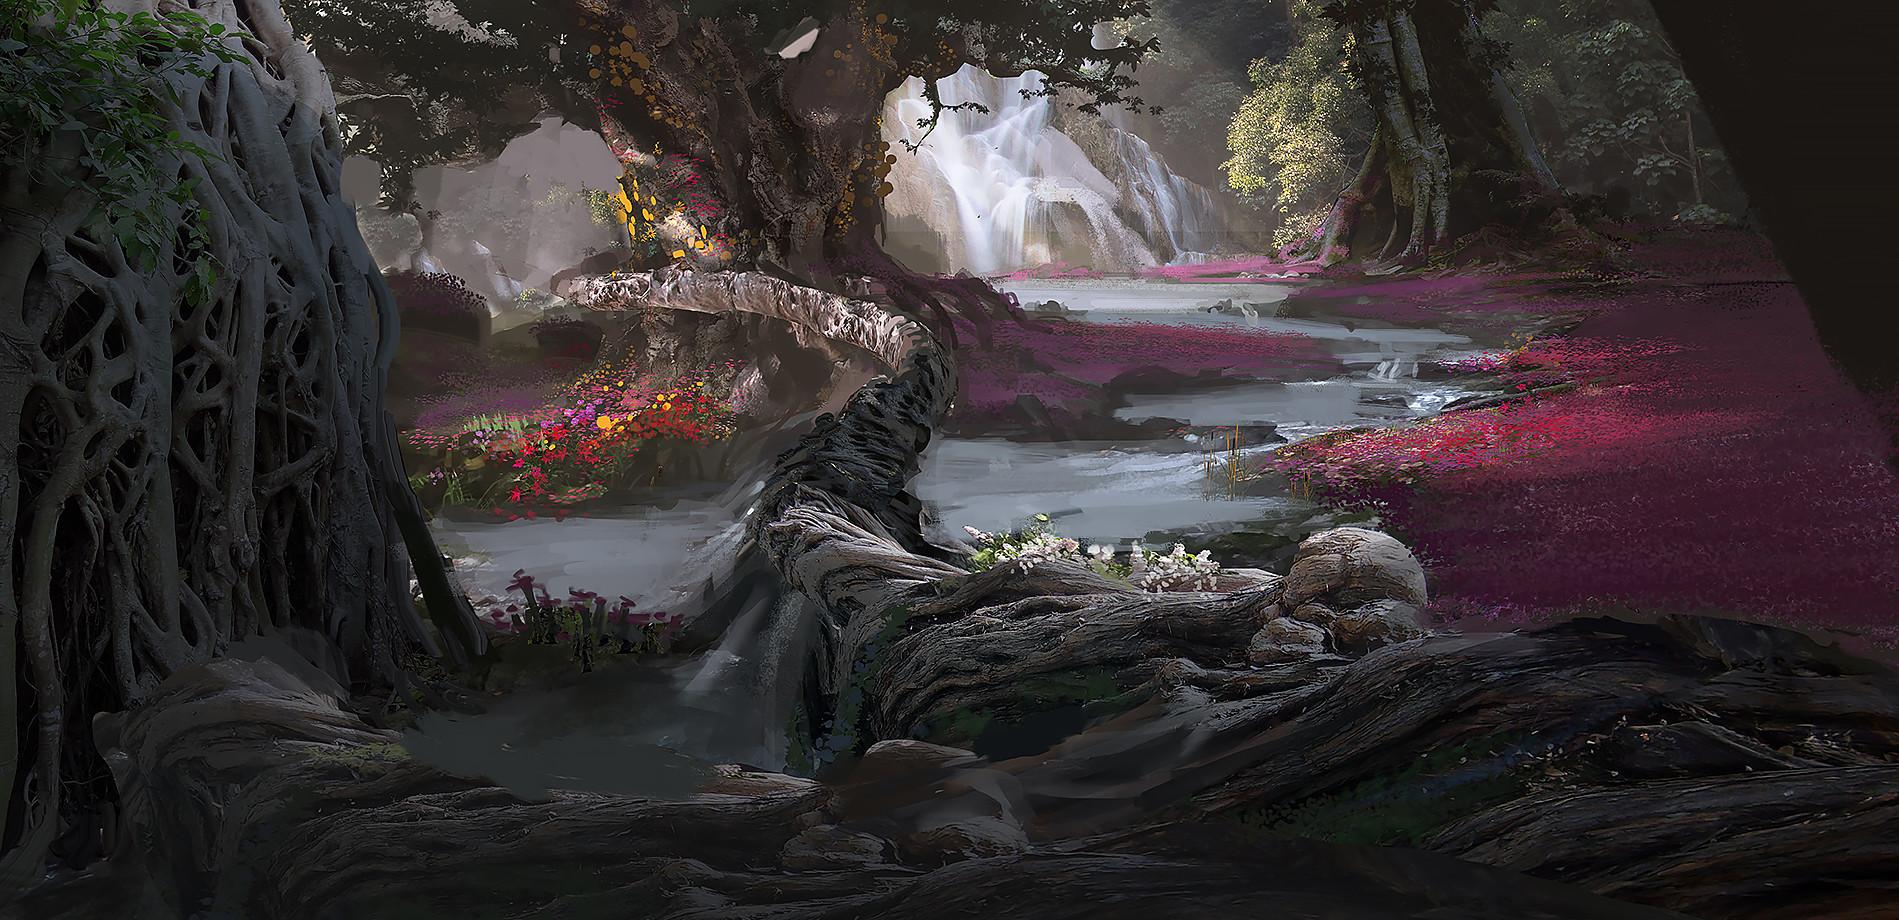 Finnian macmanus forest2